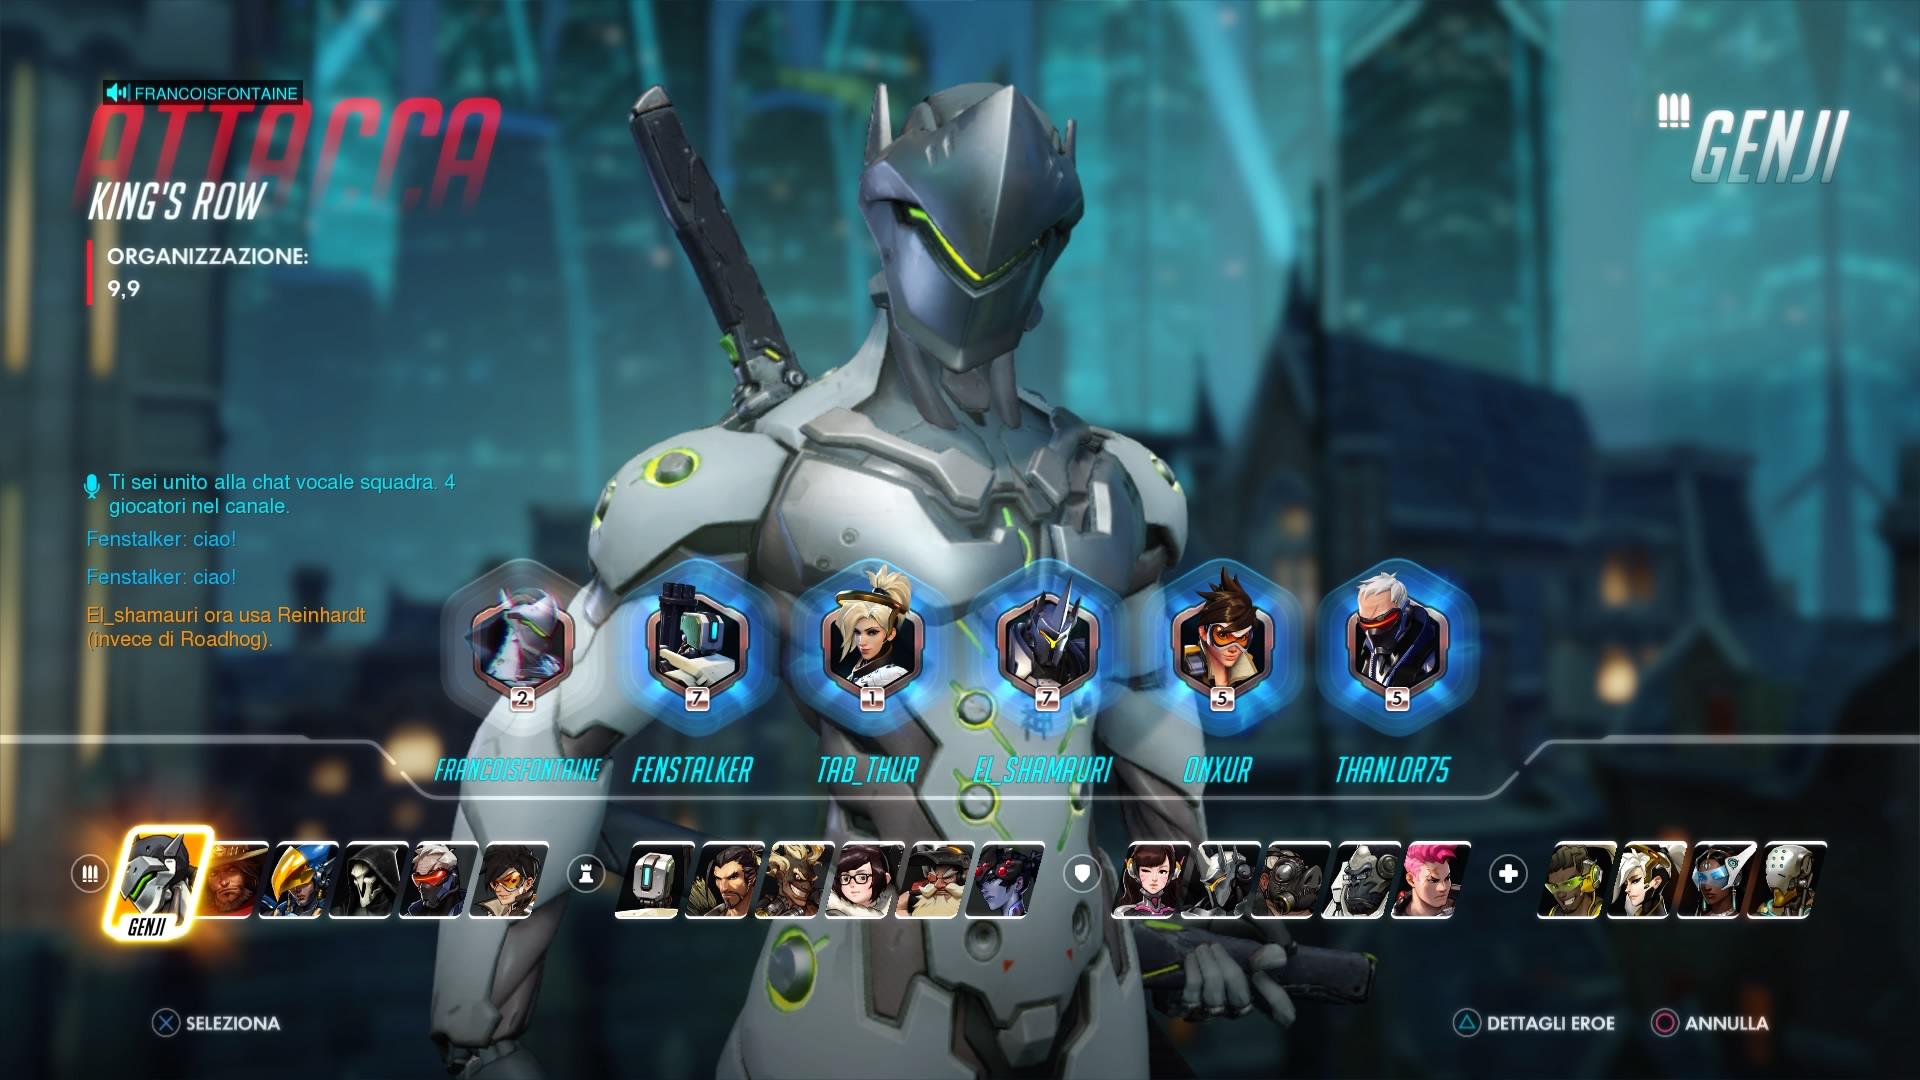 Formazione di matchmaking di StarCraft 2